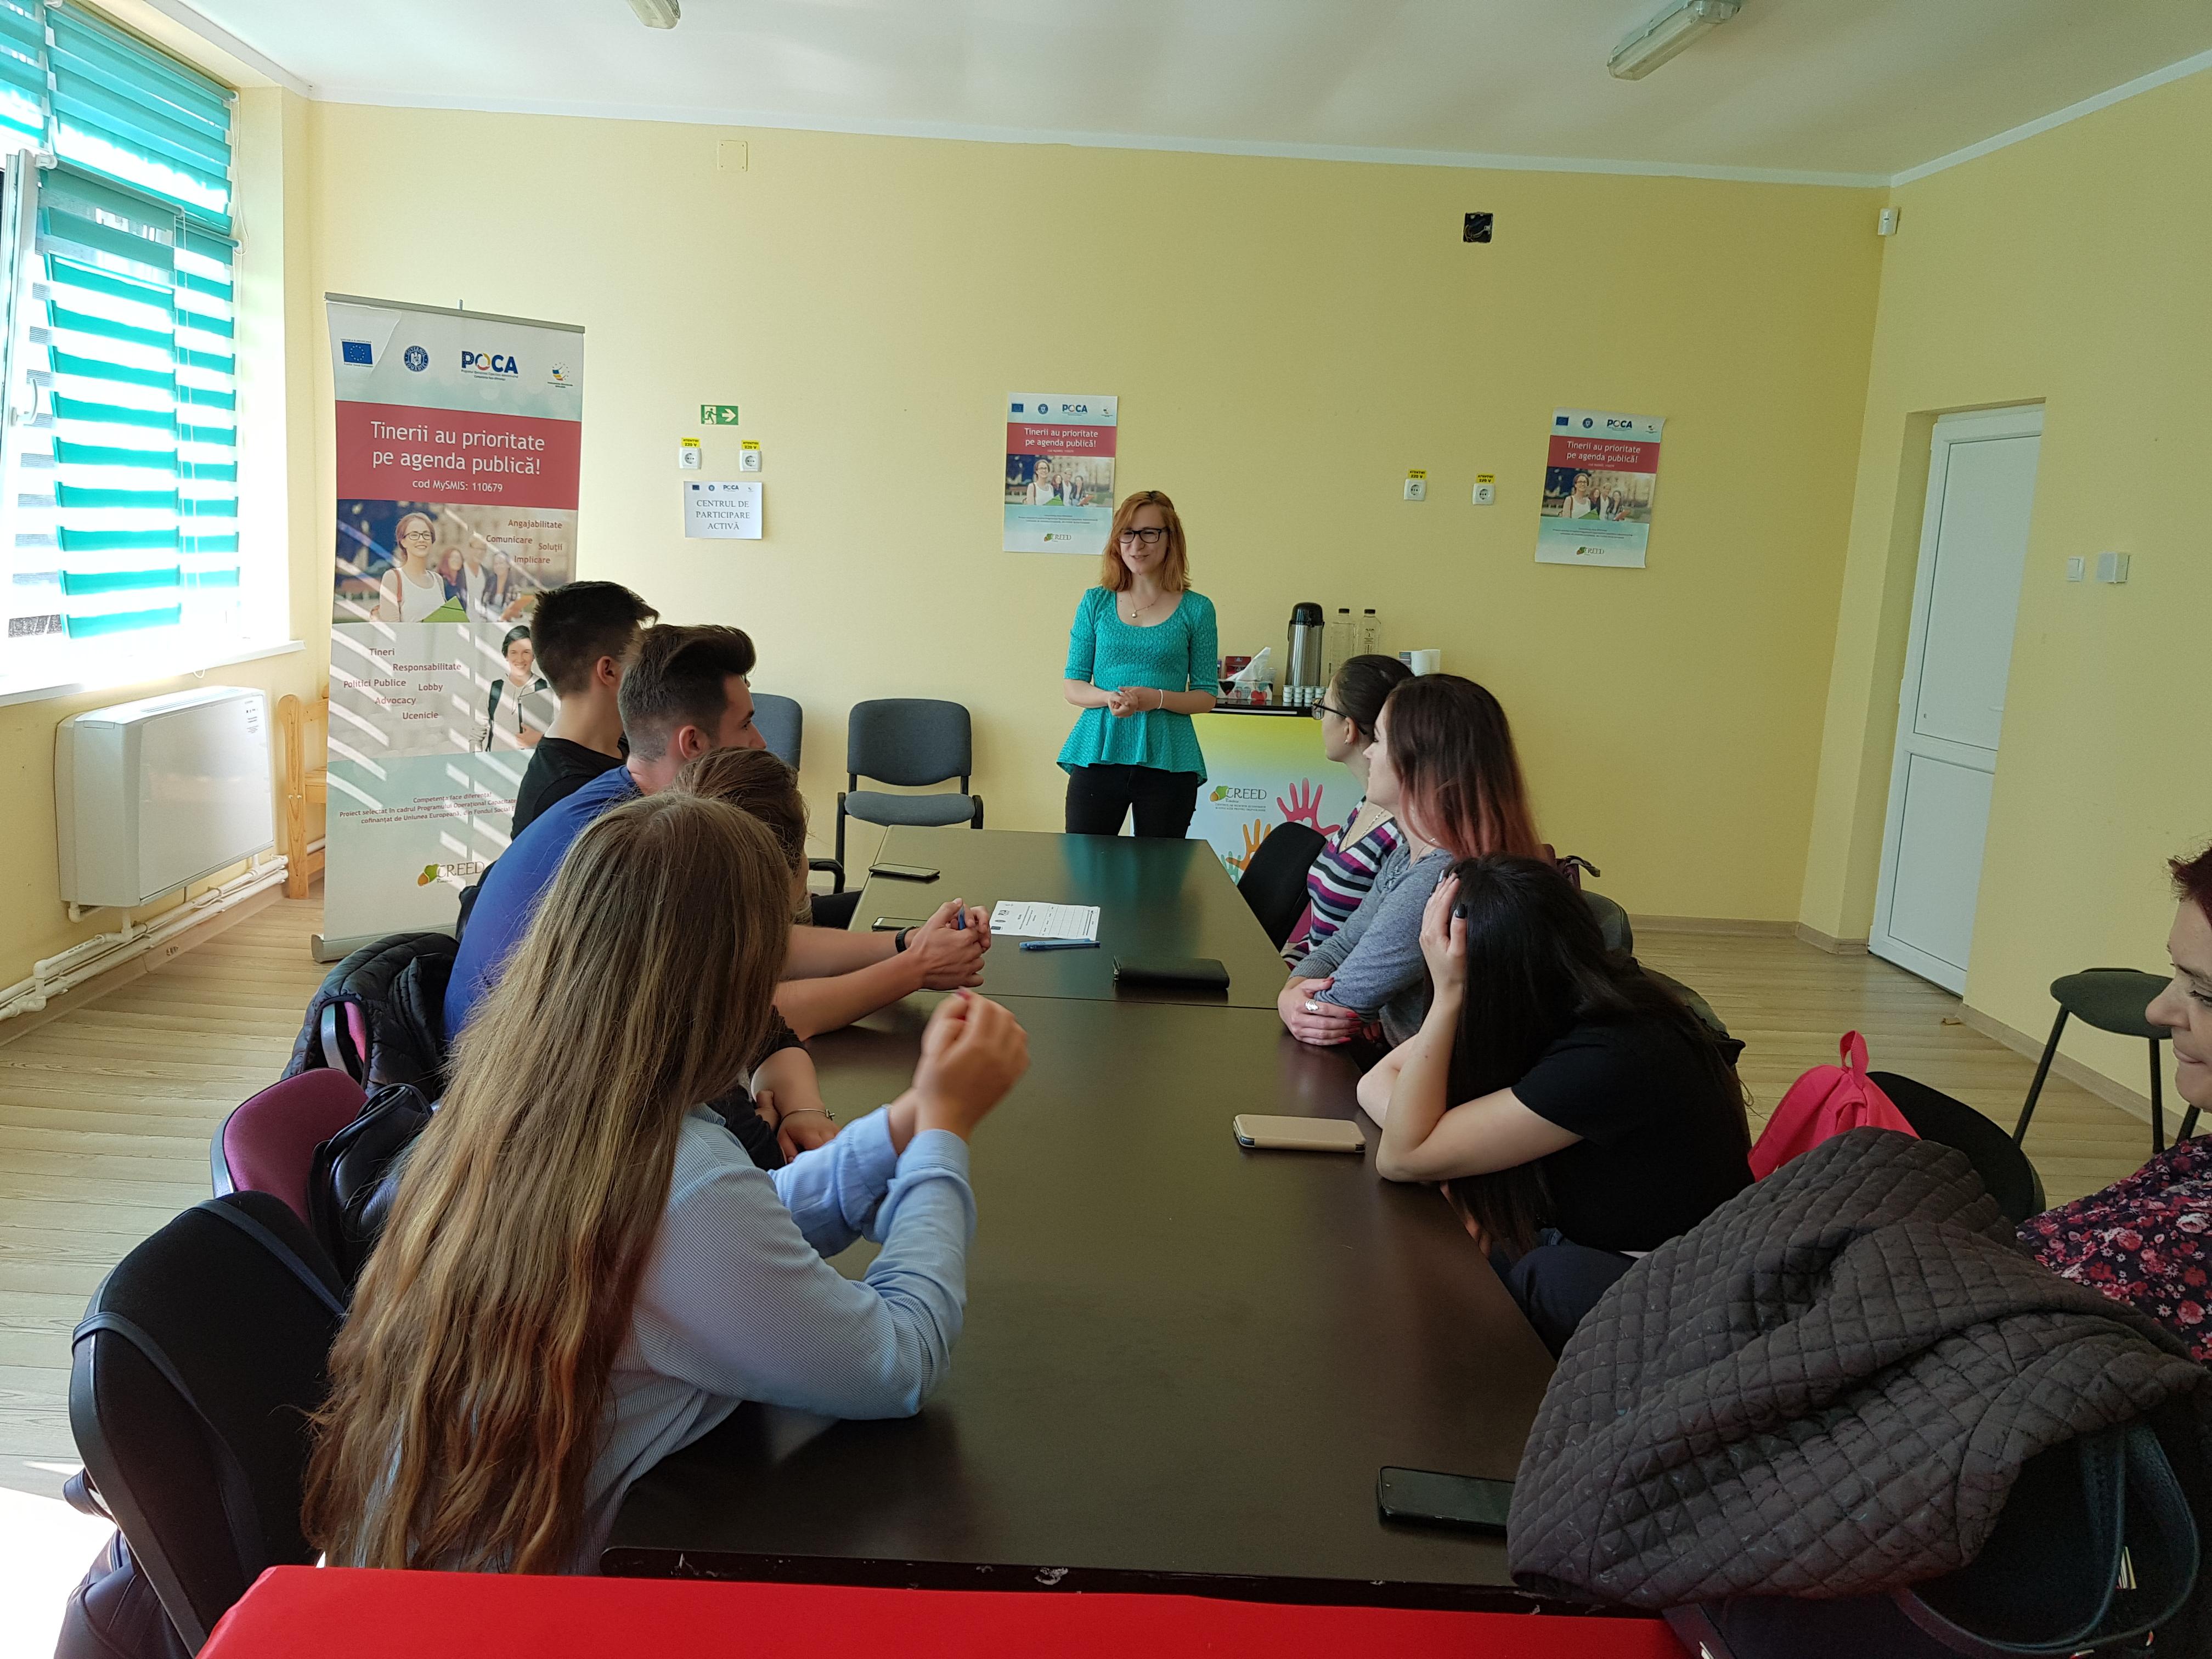 Intalnire CPA nr. 12 – Tinerii au prioritate pe agenda publica!